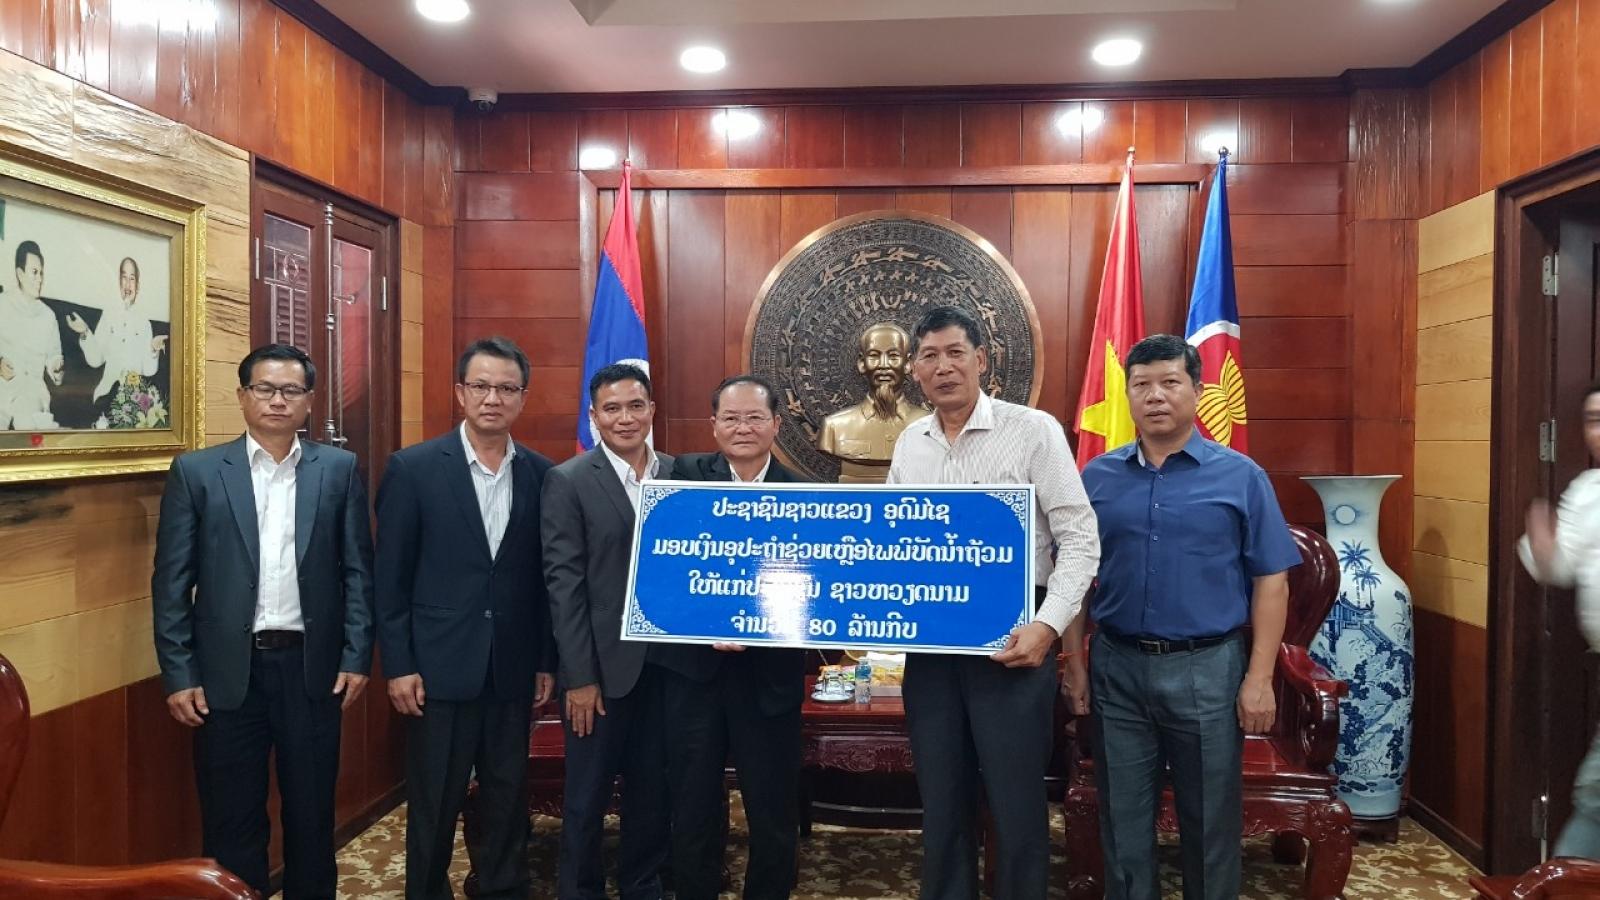 Tỉnh Udomxay (Lào) trao tiền ủng hộ đồng bào vùng lũ miền Trung